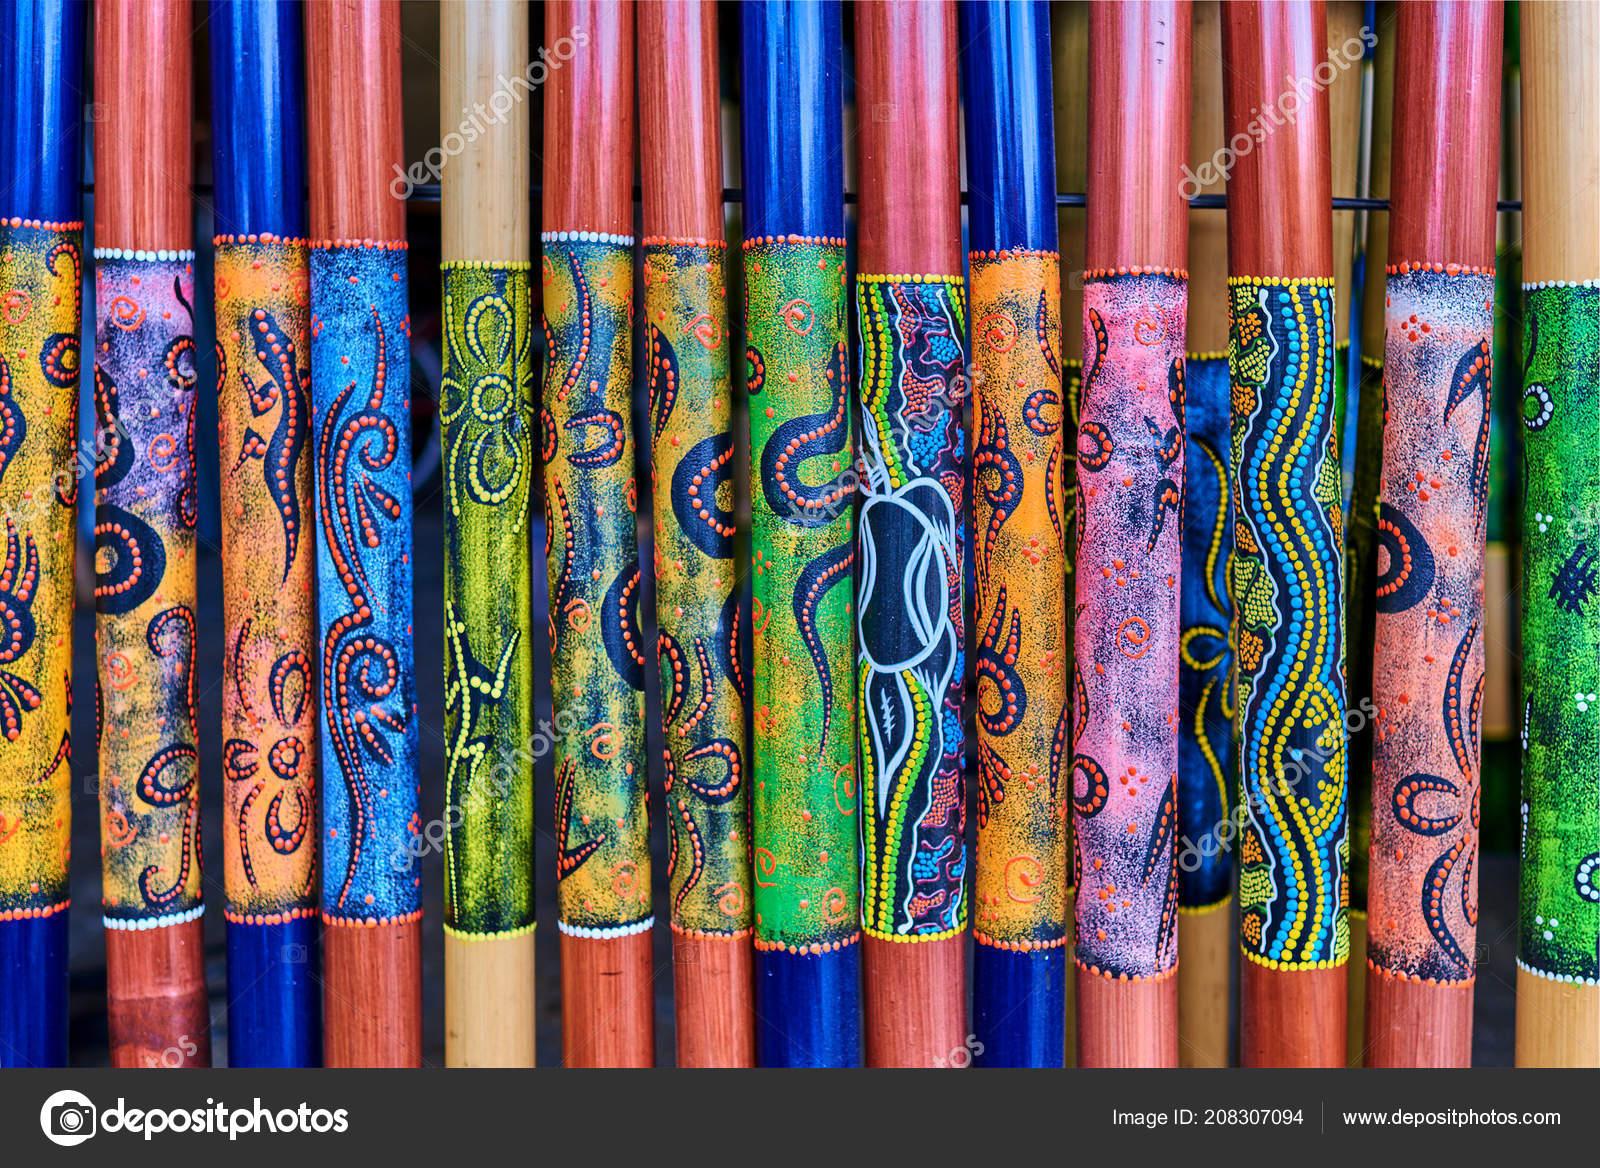 af681a9b43ee Színes absztrakt háttér. Több színű bambusz, színes mintával. Színes  emléktárgyak és kézműves termékek. Etnikai dísz és kézműves piac  szimbólumok — Fotó ...